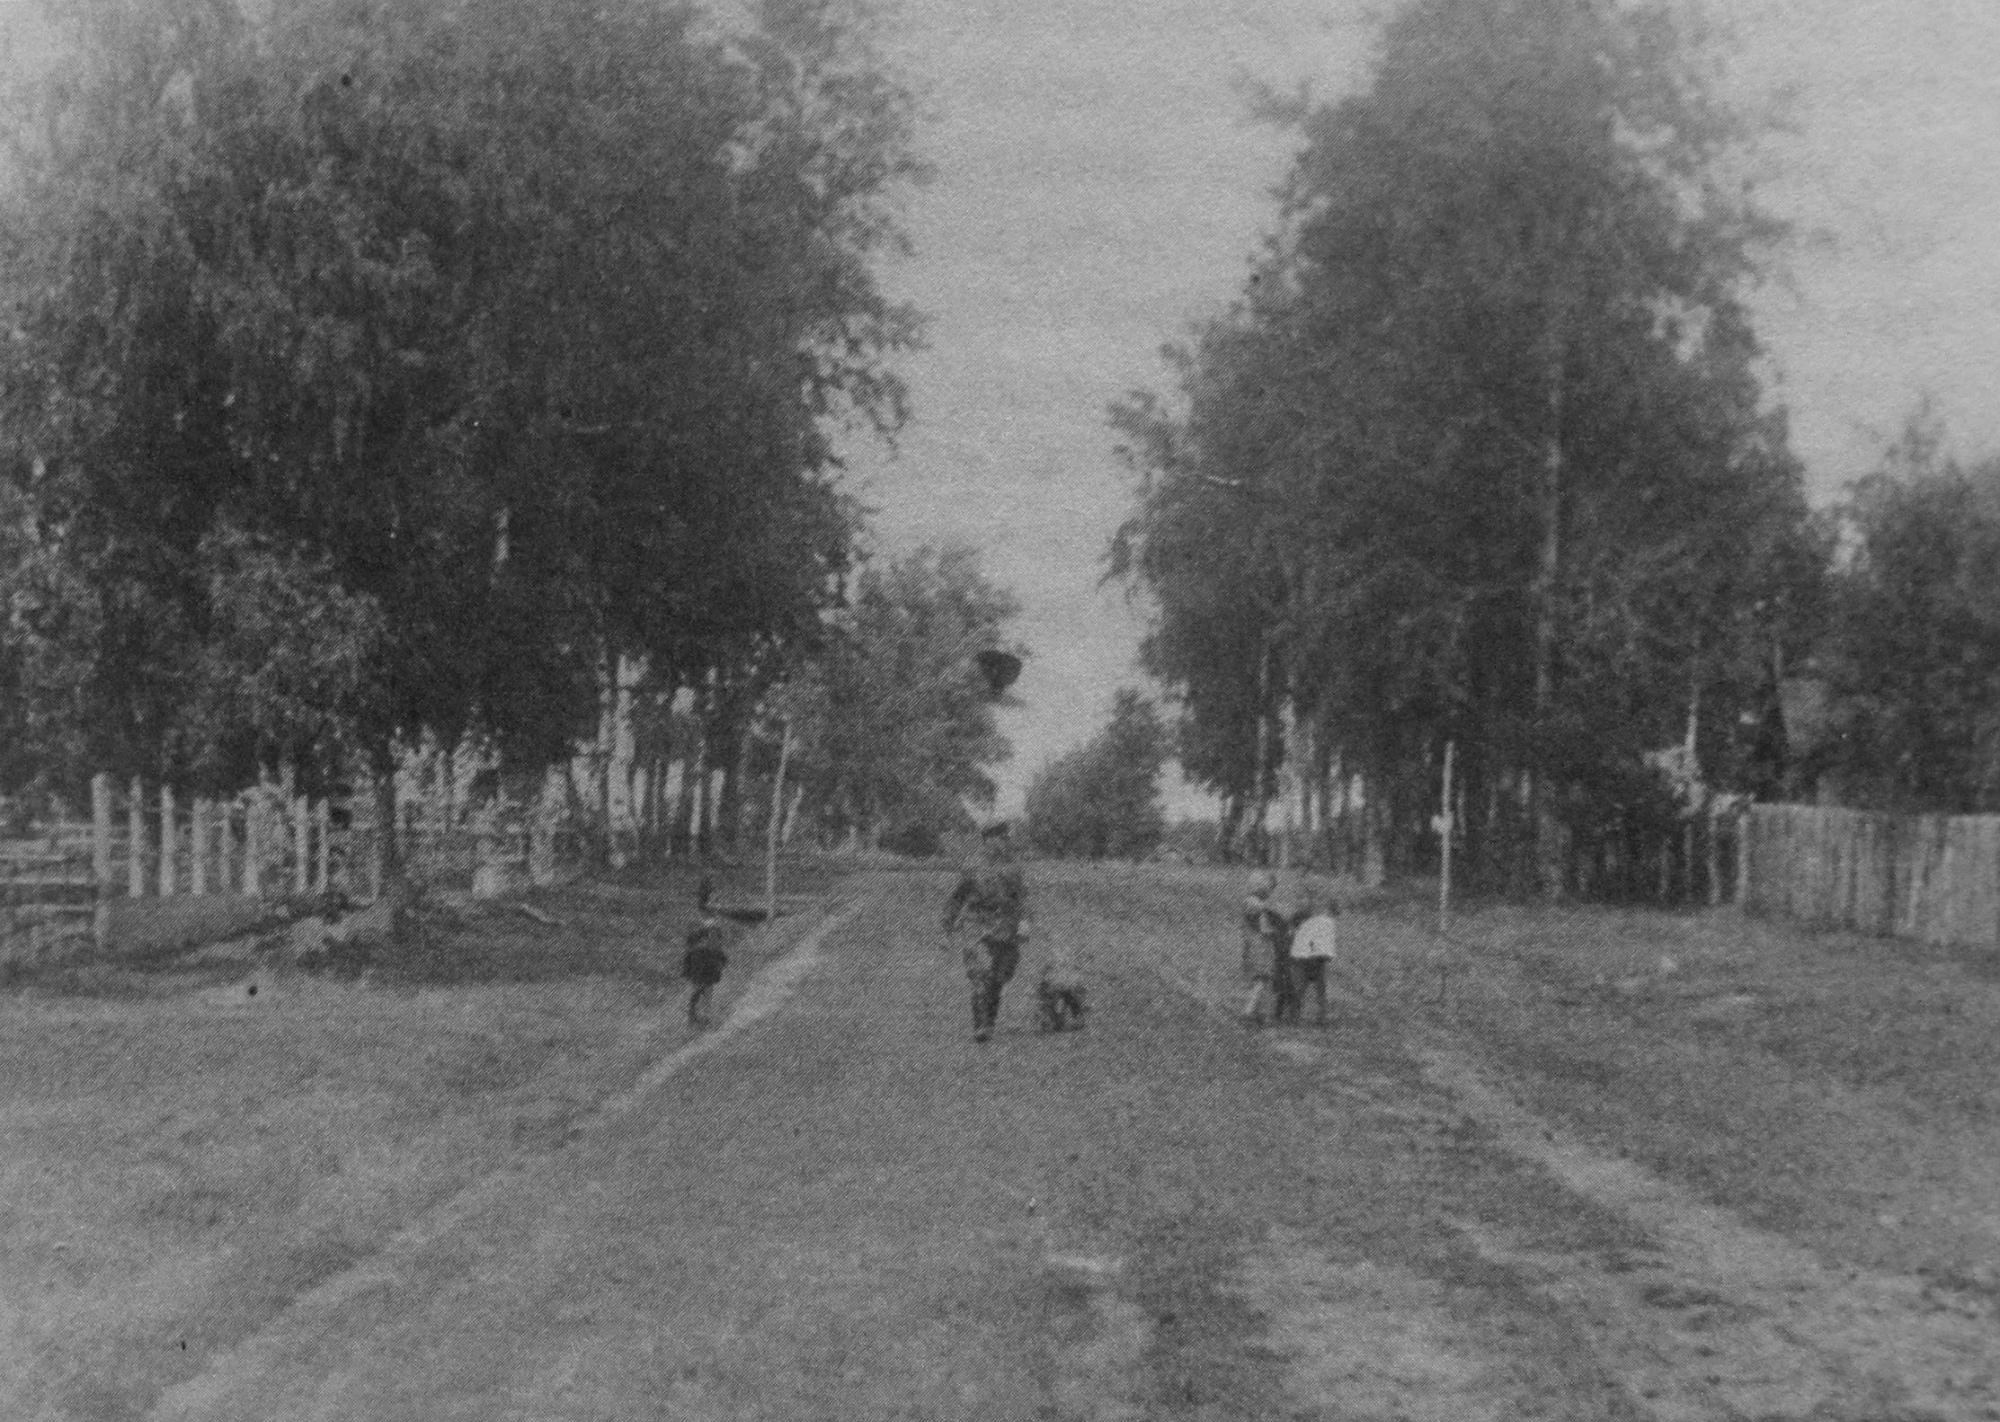 Улица Садовая в посёлке Львовском. Конец 1940 годов